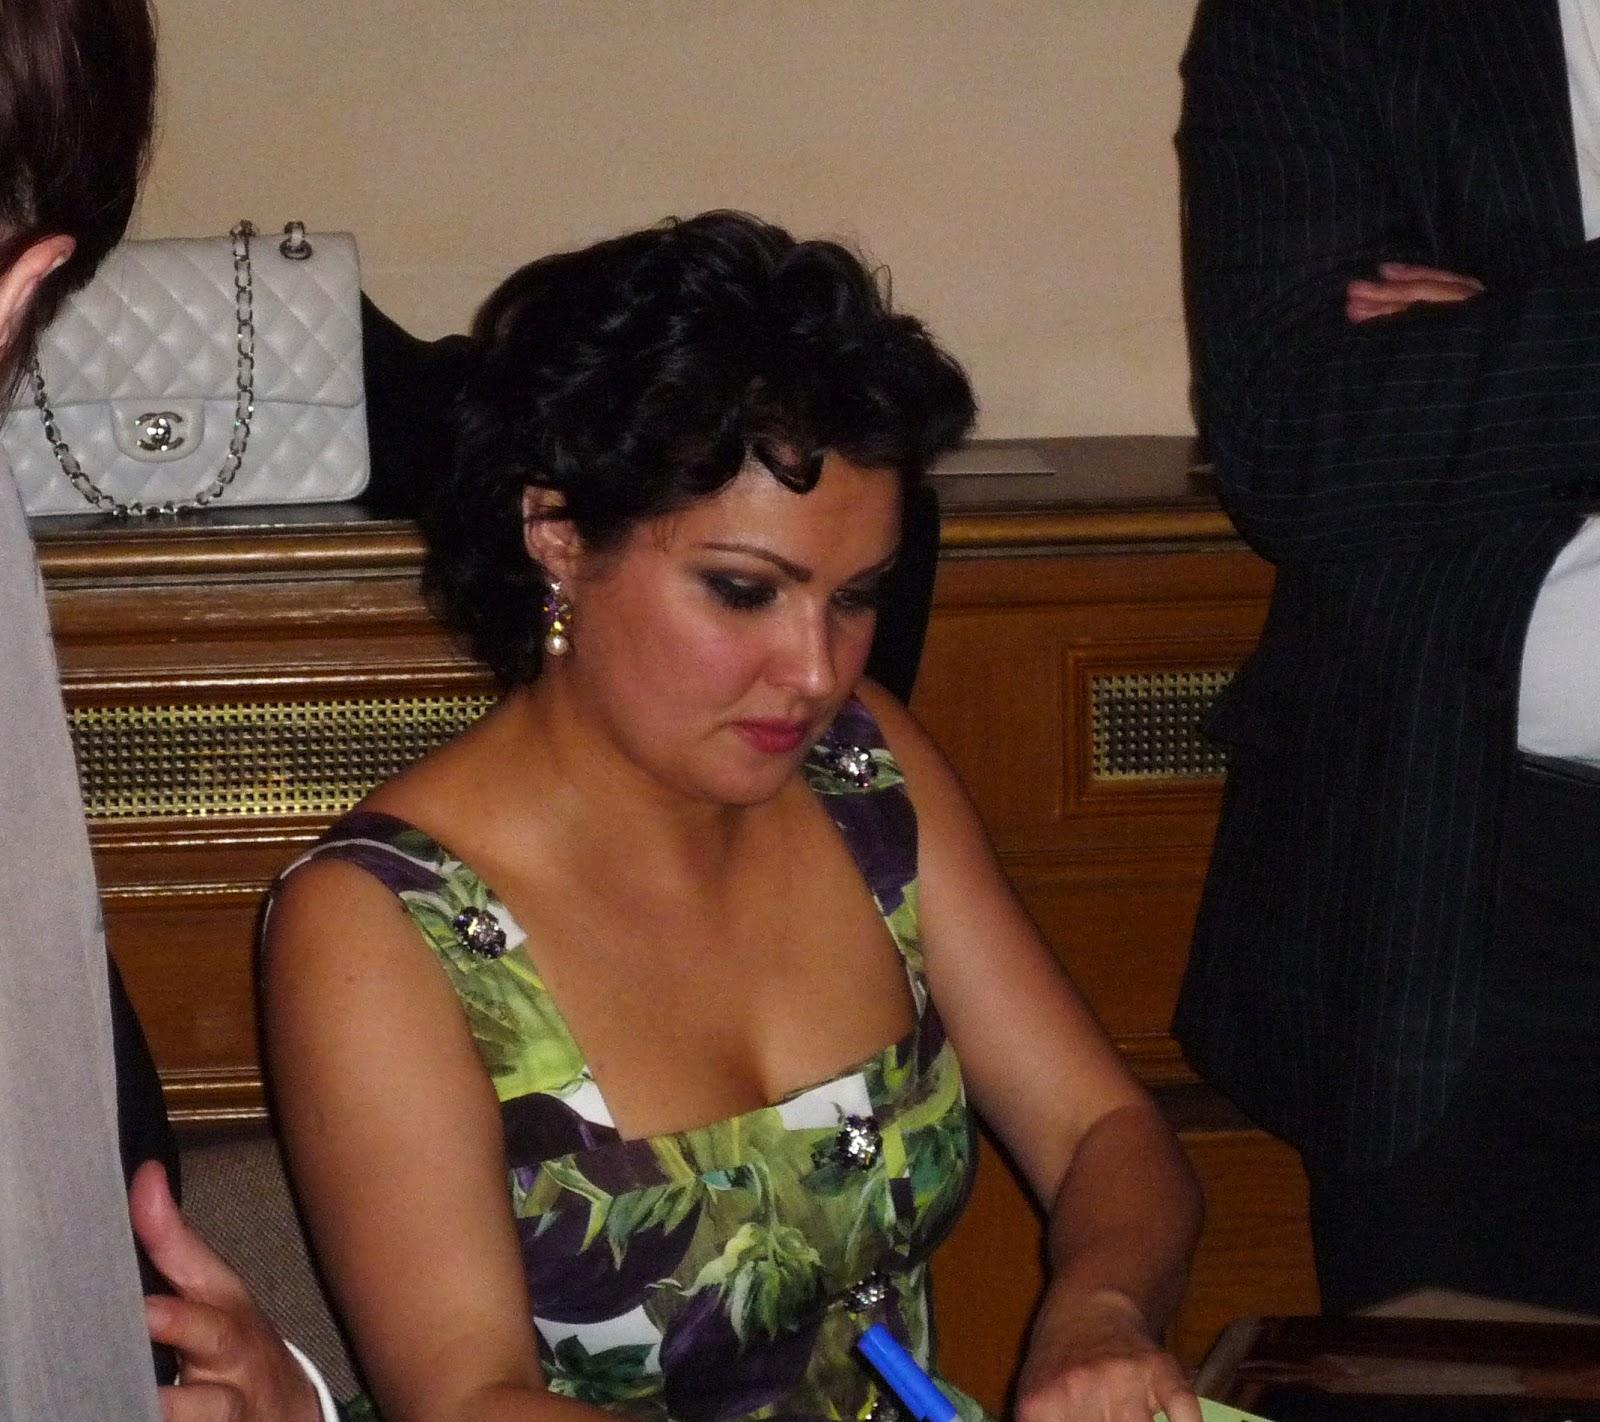 http://1.bp.blogspot.com/-Sf-e6XFKXS0/T6f24zvcC1I/AAAAAAAAF4w/IZX3Nb0ZwFA/s1600/Wien+Anna+Liederabend+025.JPG